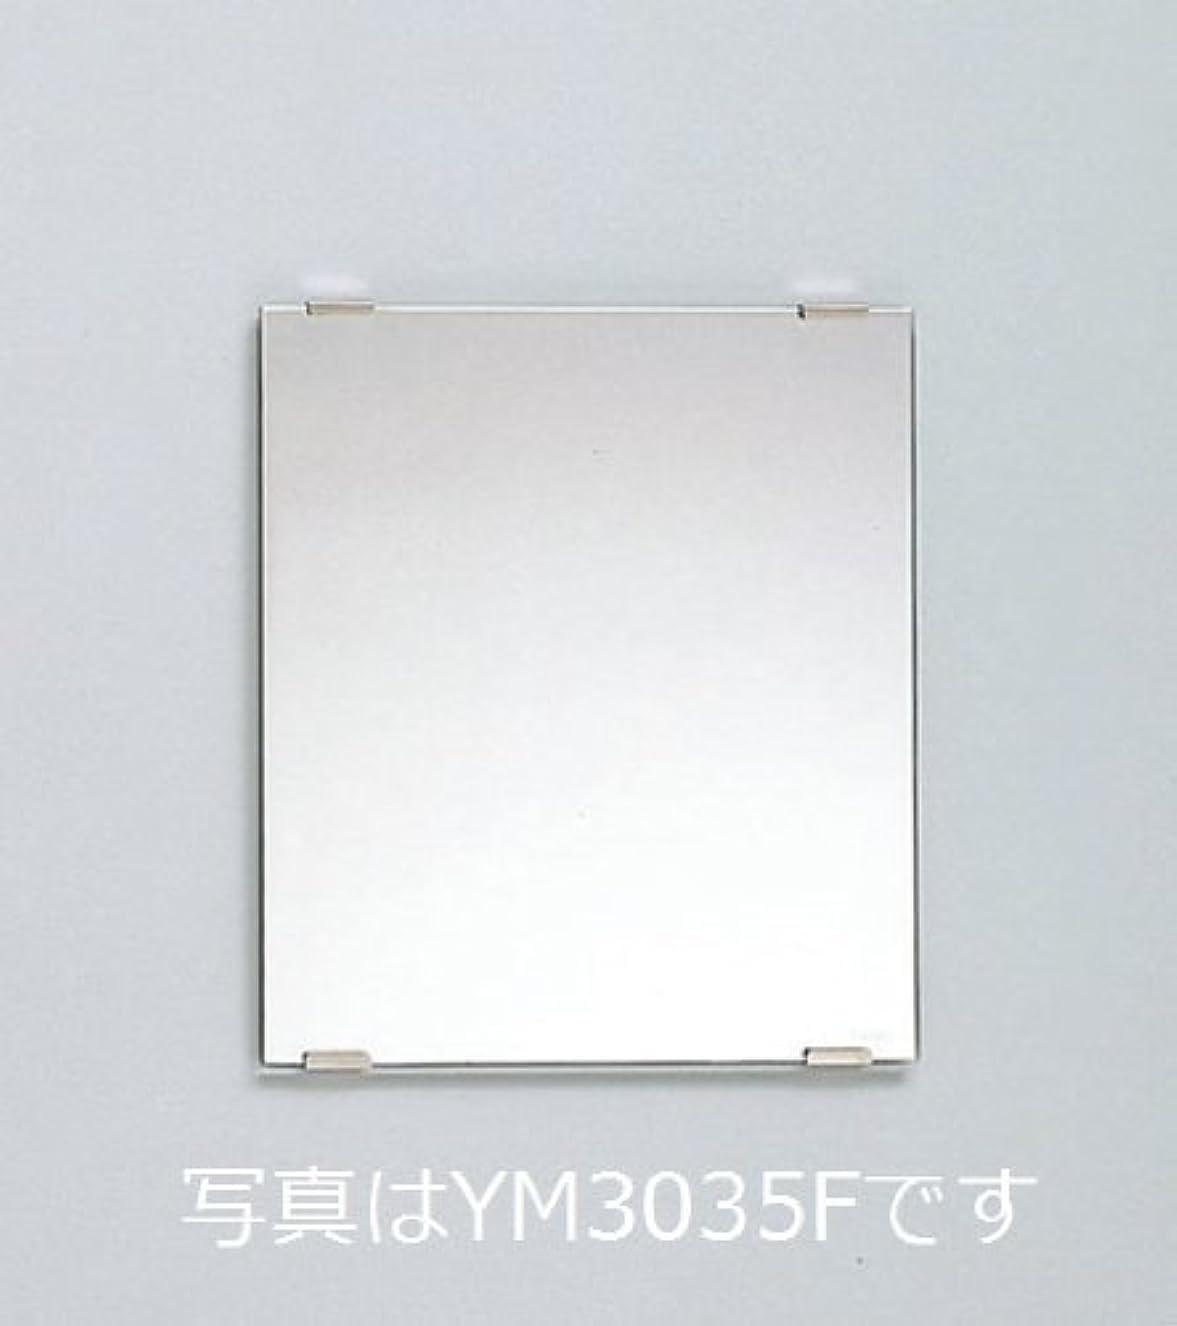 再発するスラム街趣味TOTO 化粧鏡 YM3560F 耐食鏡 角型 350×600(mm)